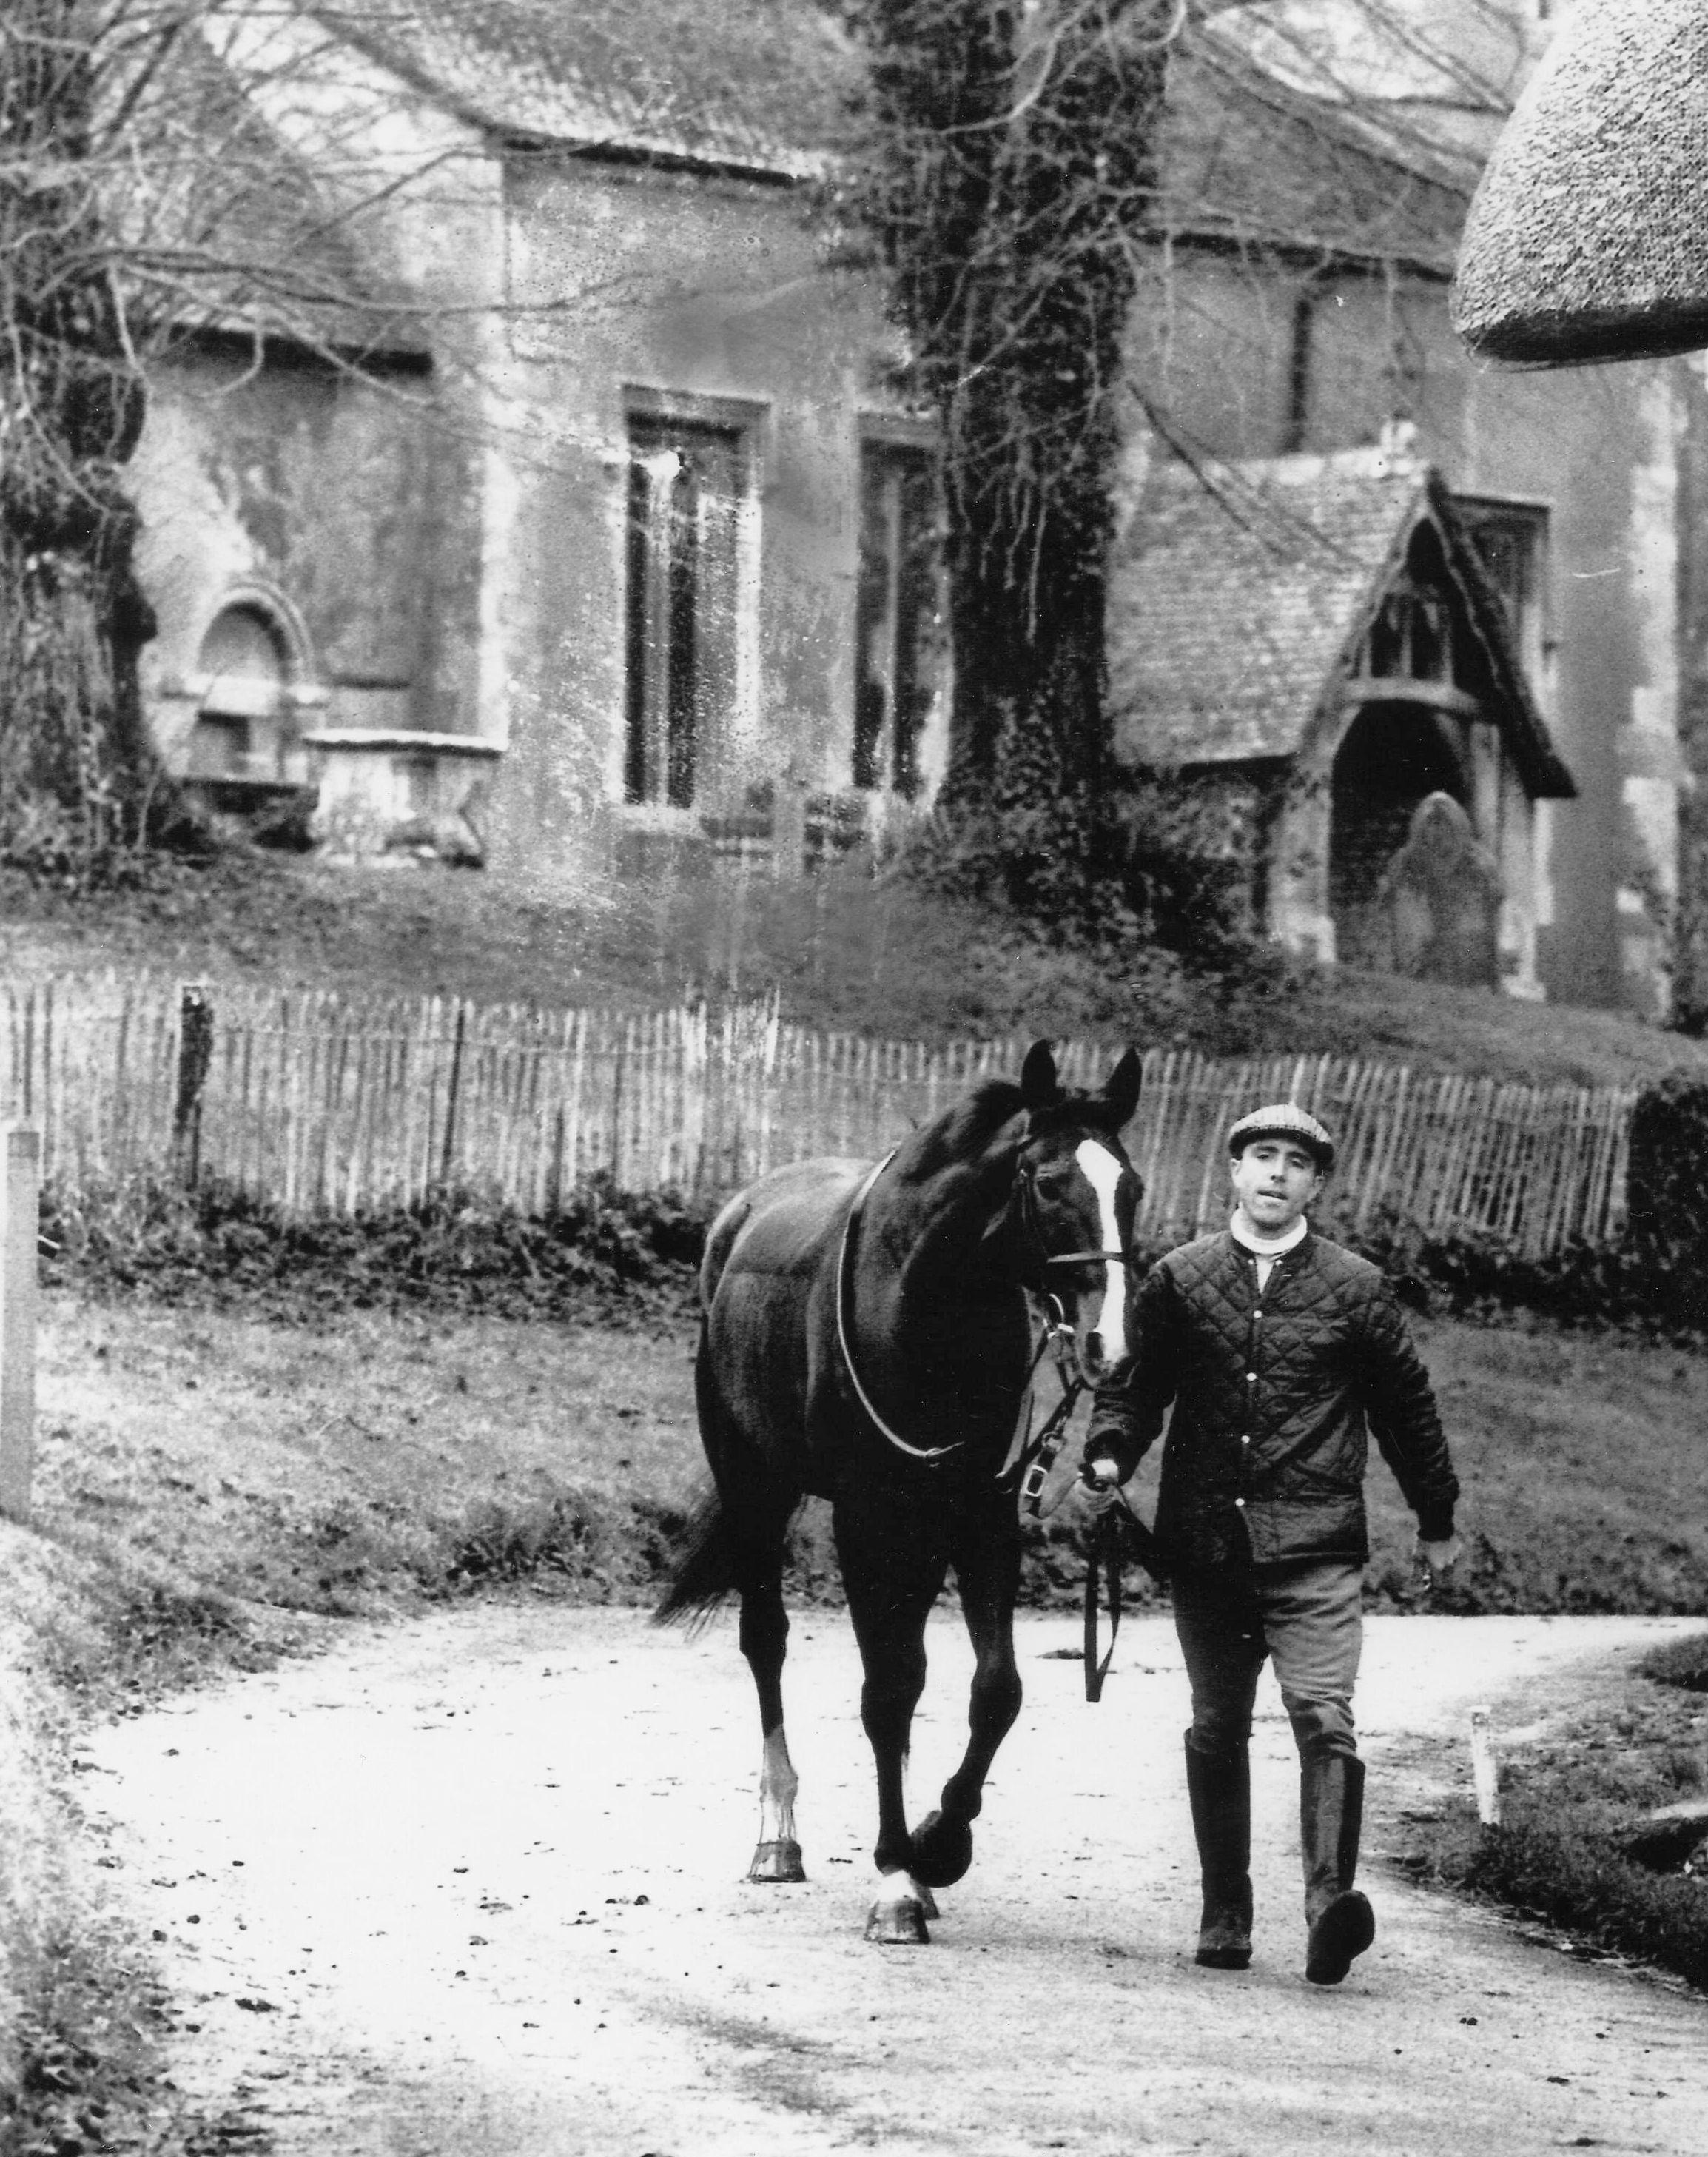 Ben Nevis II with Charles C. Fenwick, Jr. (Douglas Lees)